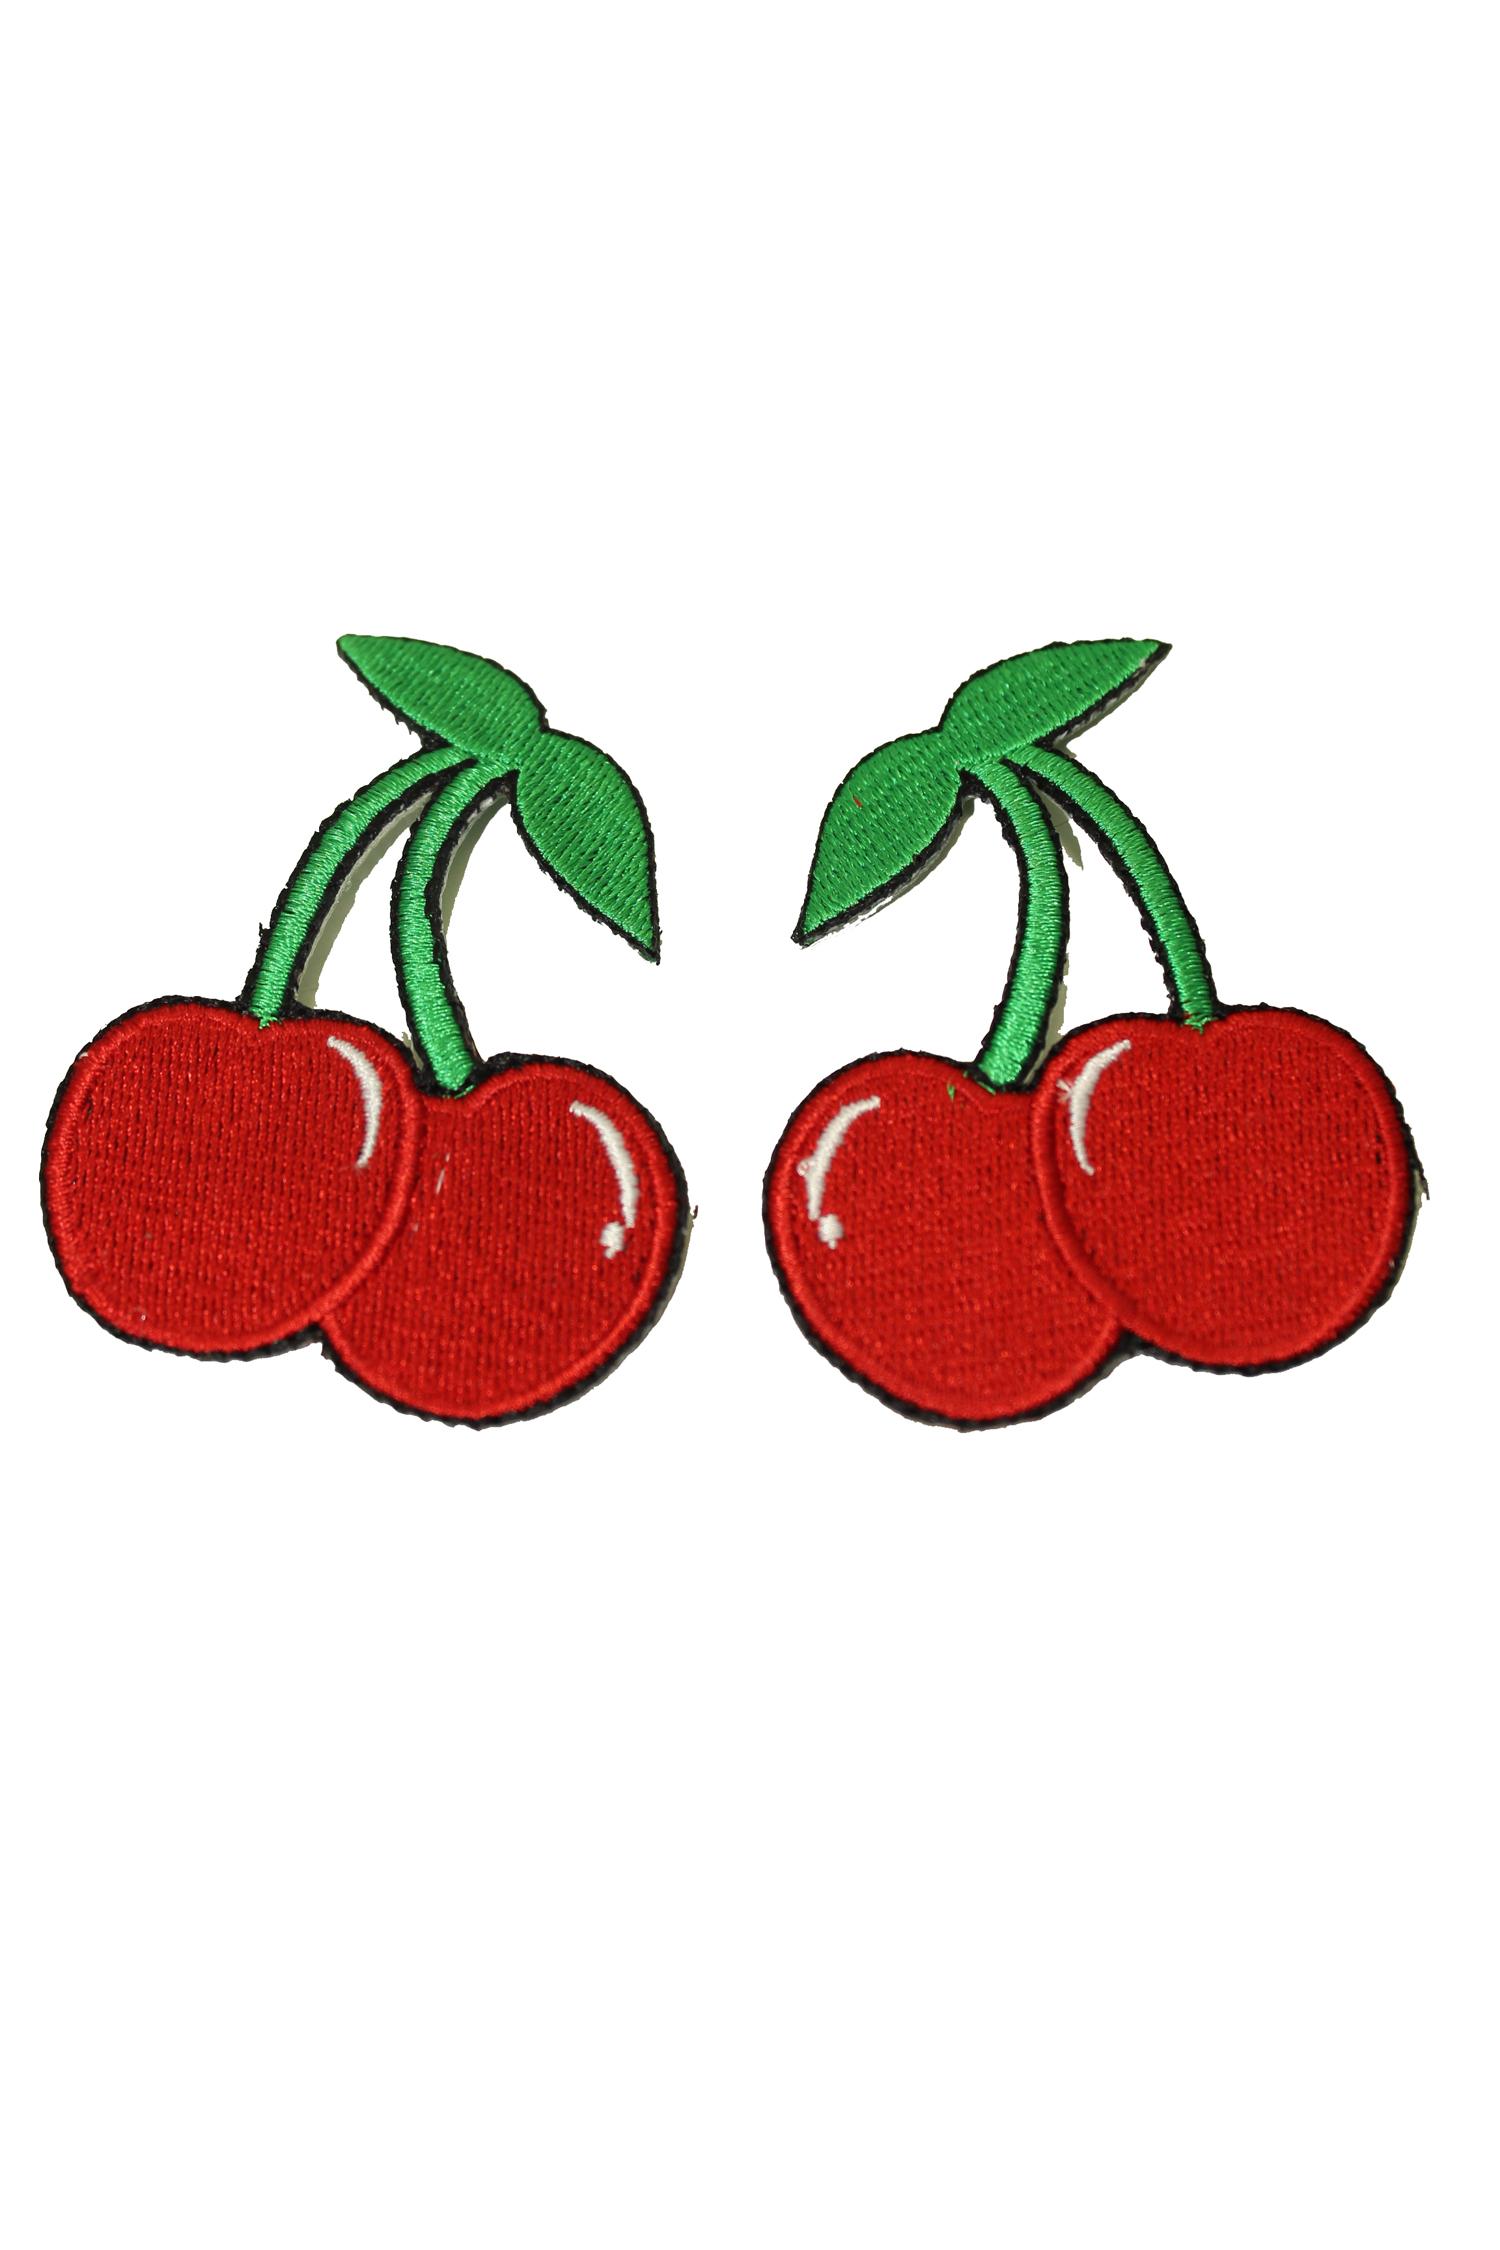 1 Paar 50s style retro Cherry rockabilly Kirschen Patch Aufnäher rot